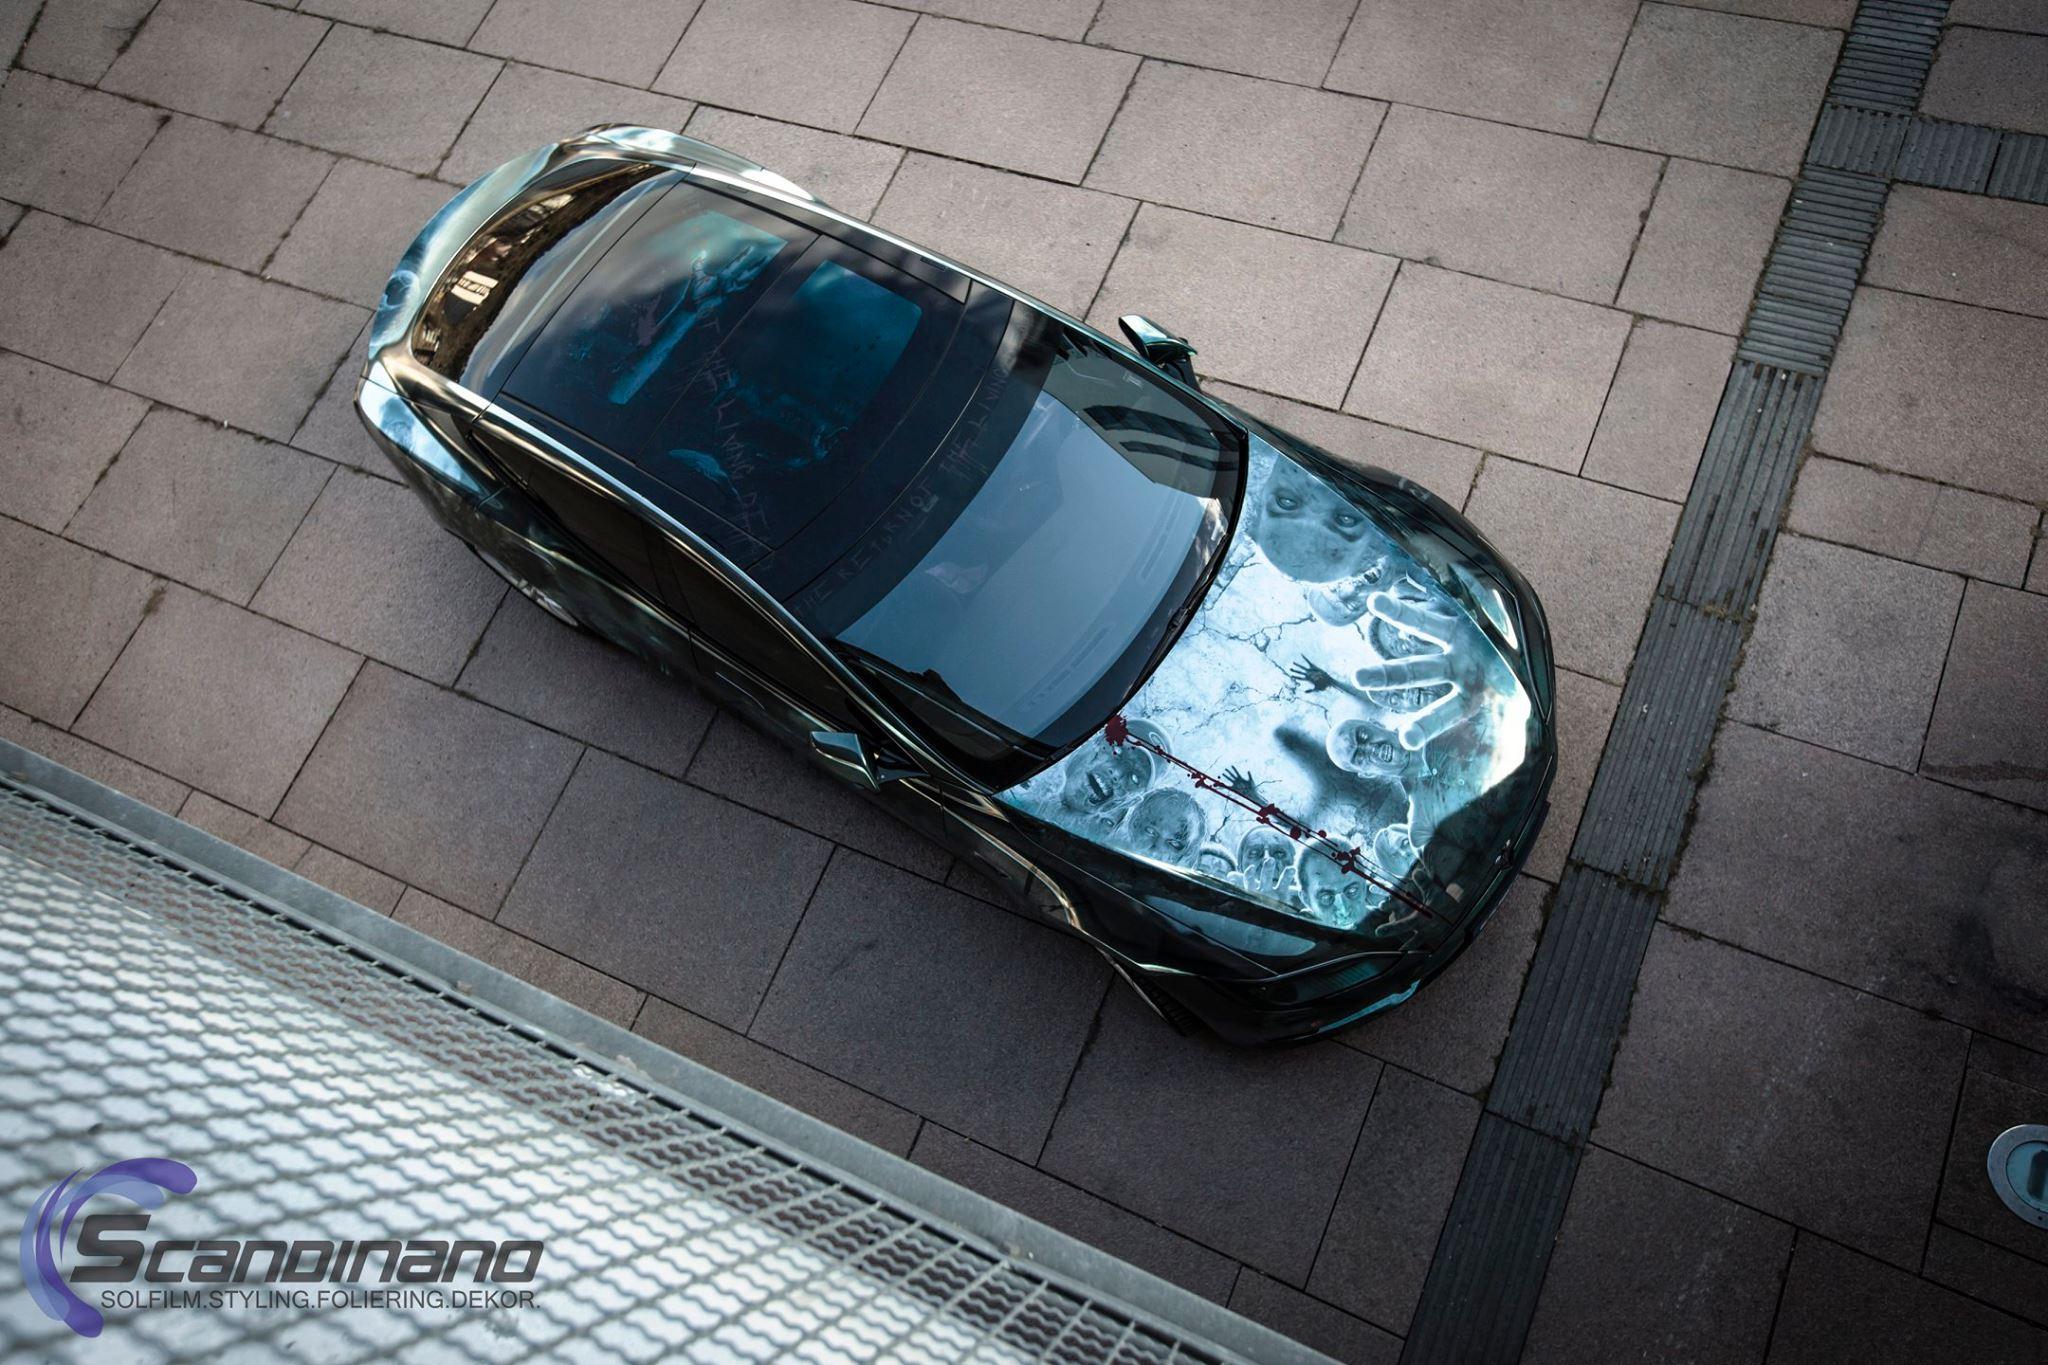 Elektroauto Tesla Model S Zombie oben - Mein Elektroauto